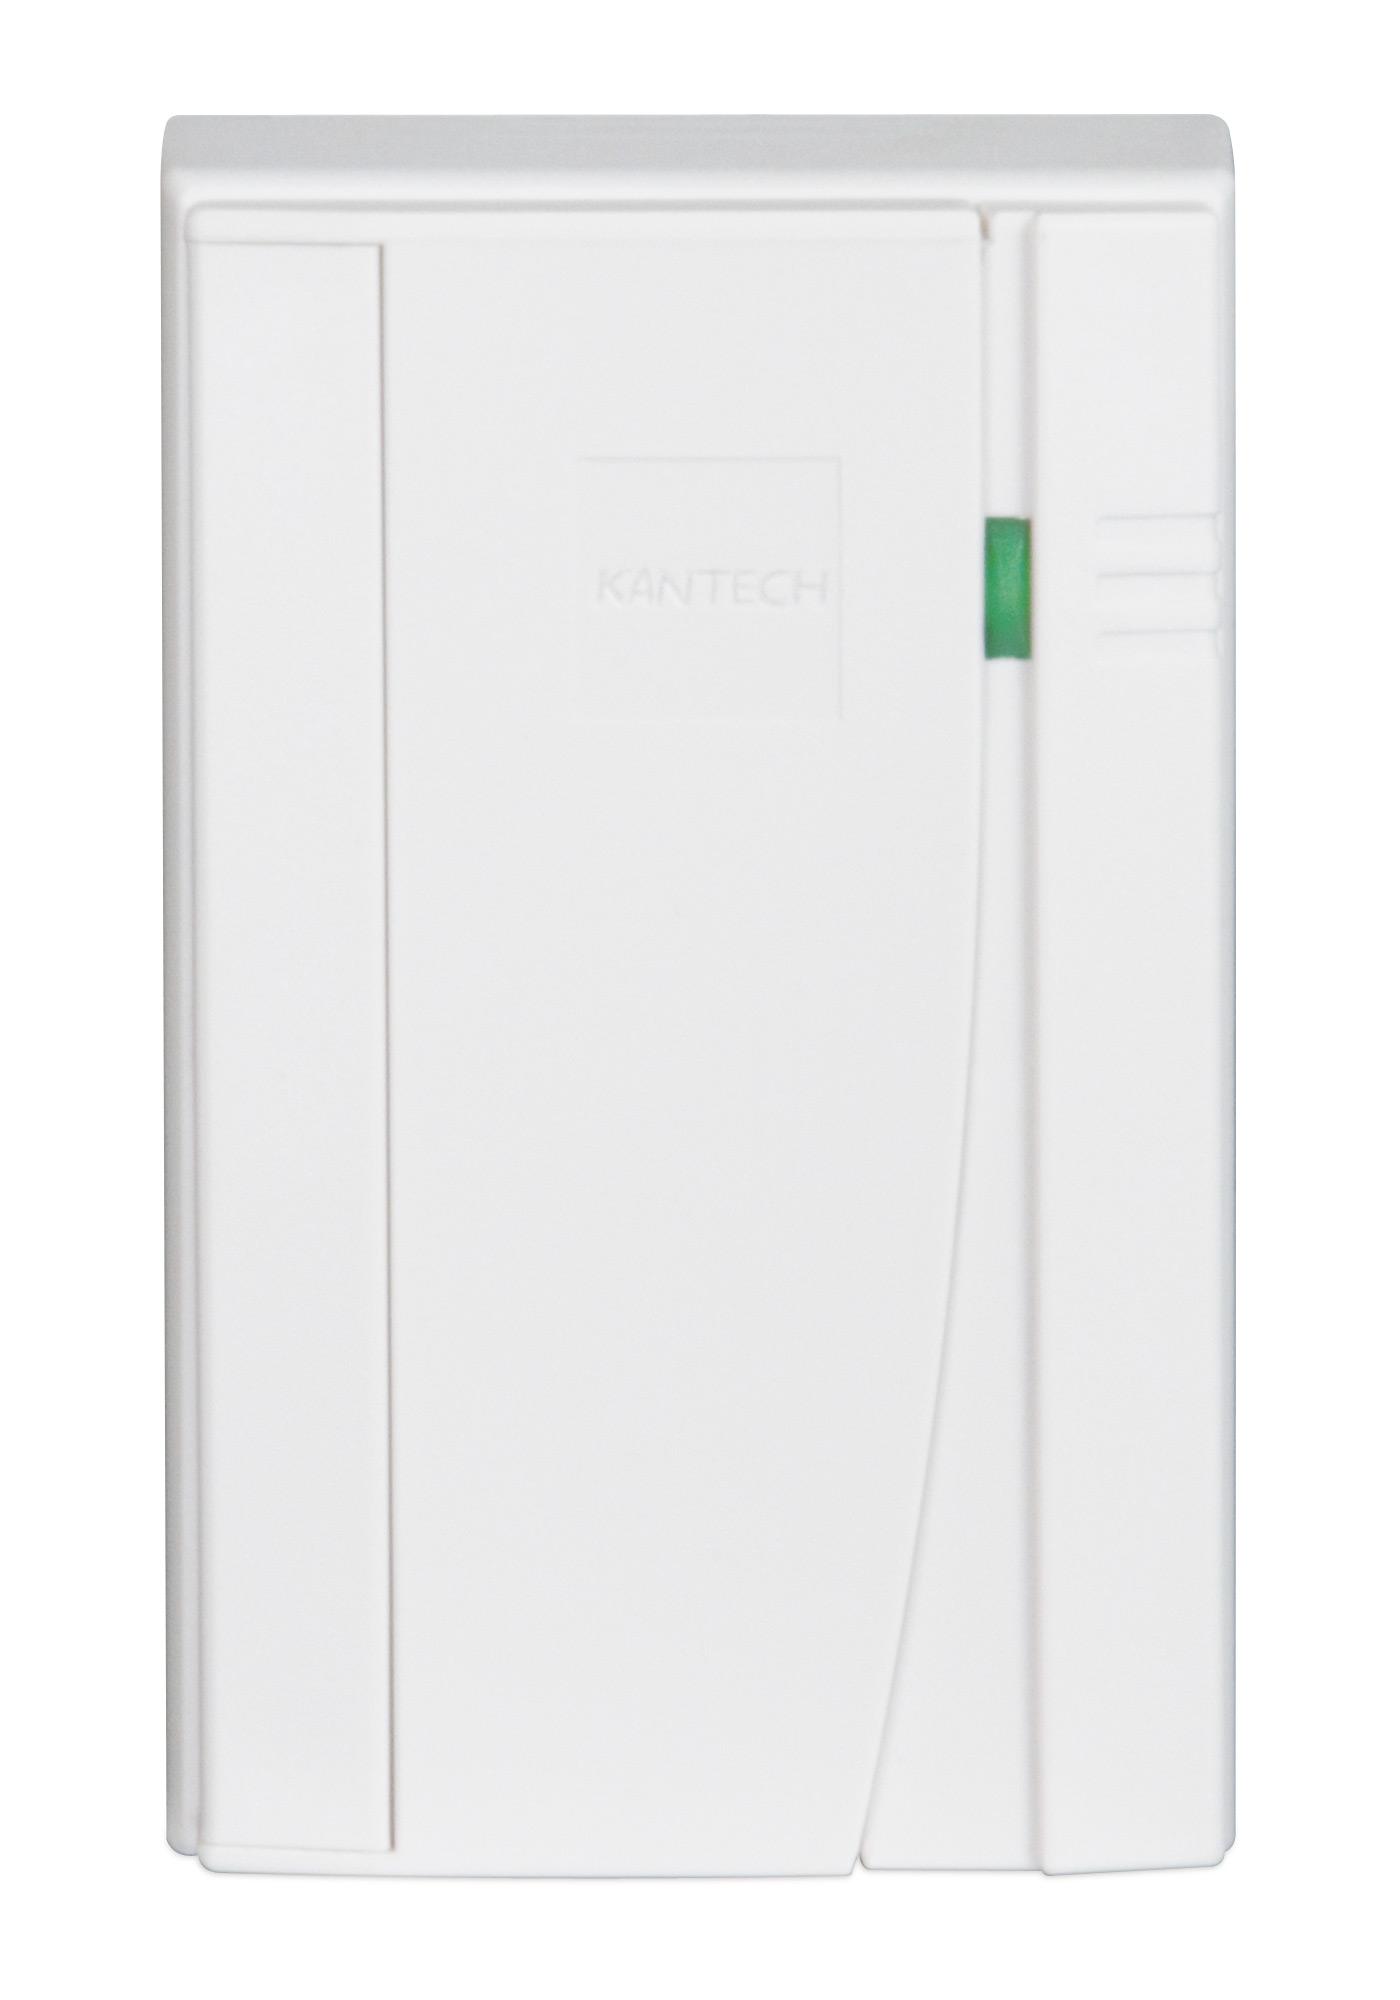 Kantech KT-100 Card Access